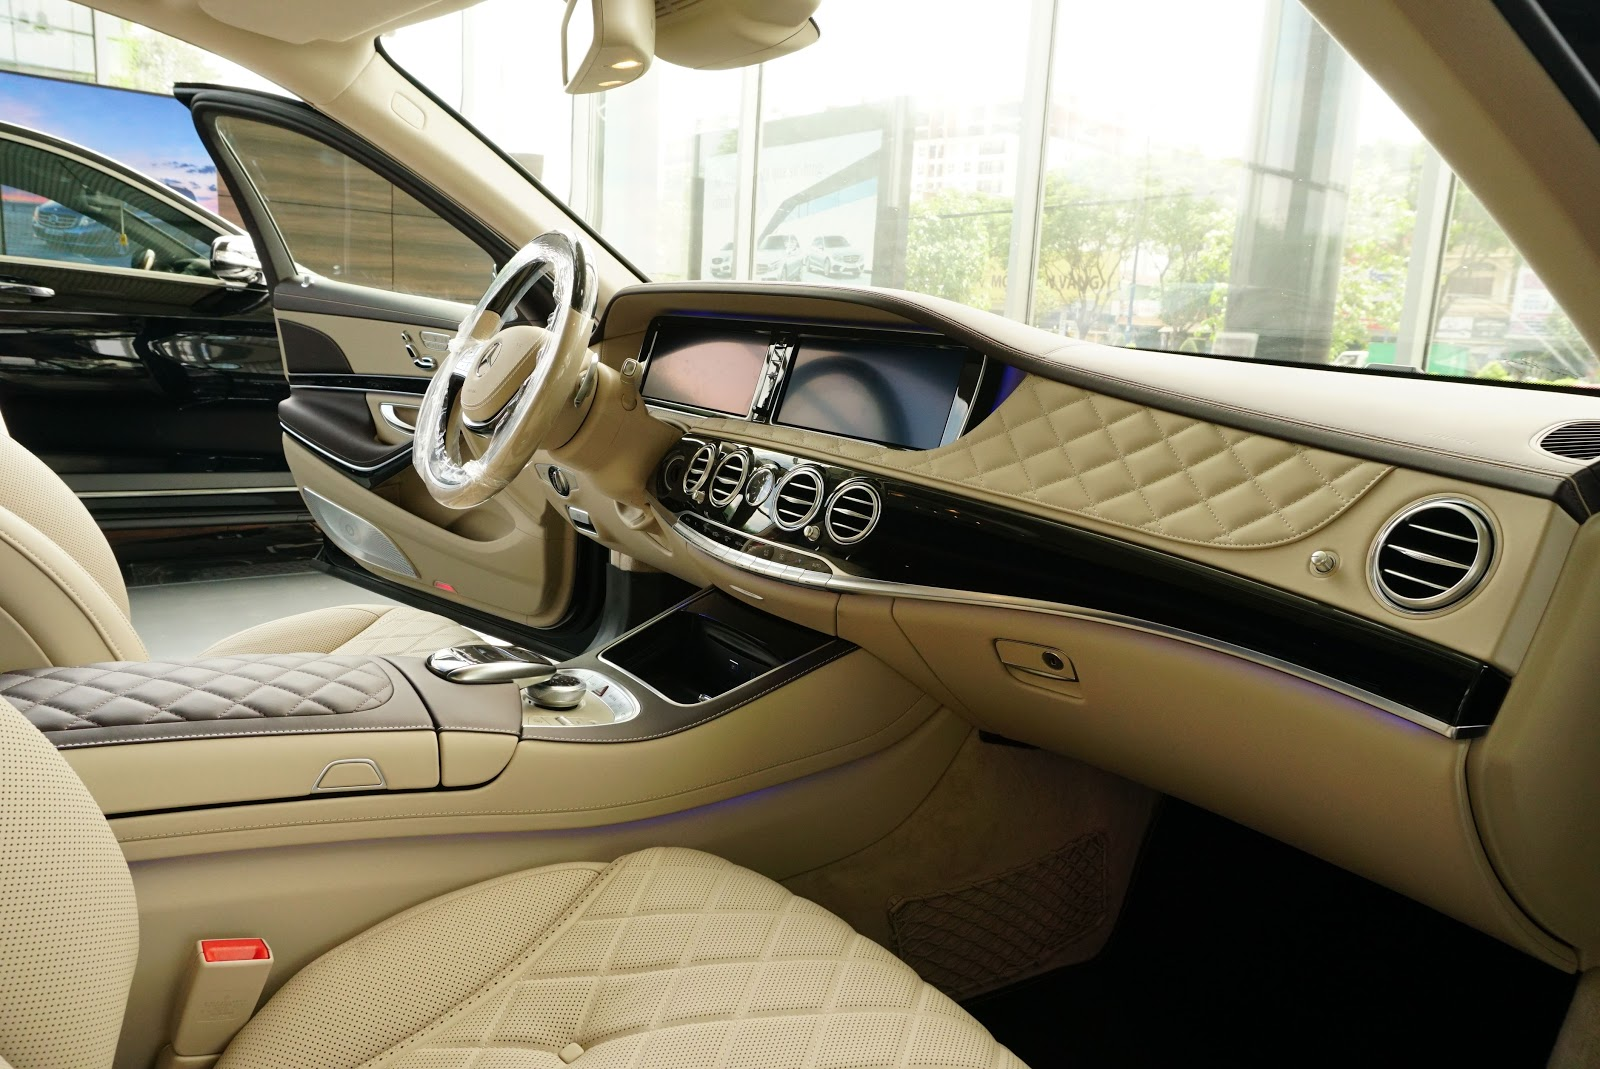 Mọi tính năng tốt nhất mà Mercedes đang có, đều được trang bị trên chiếc Maybach này